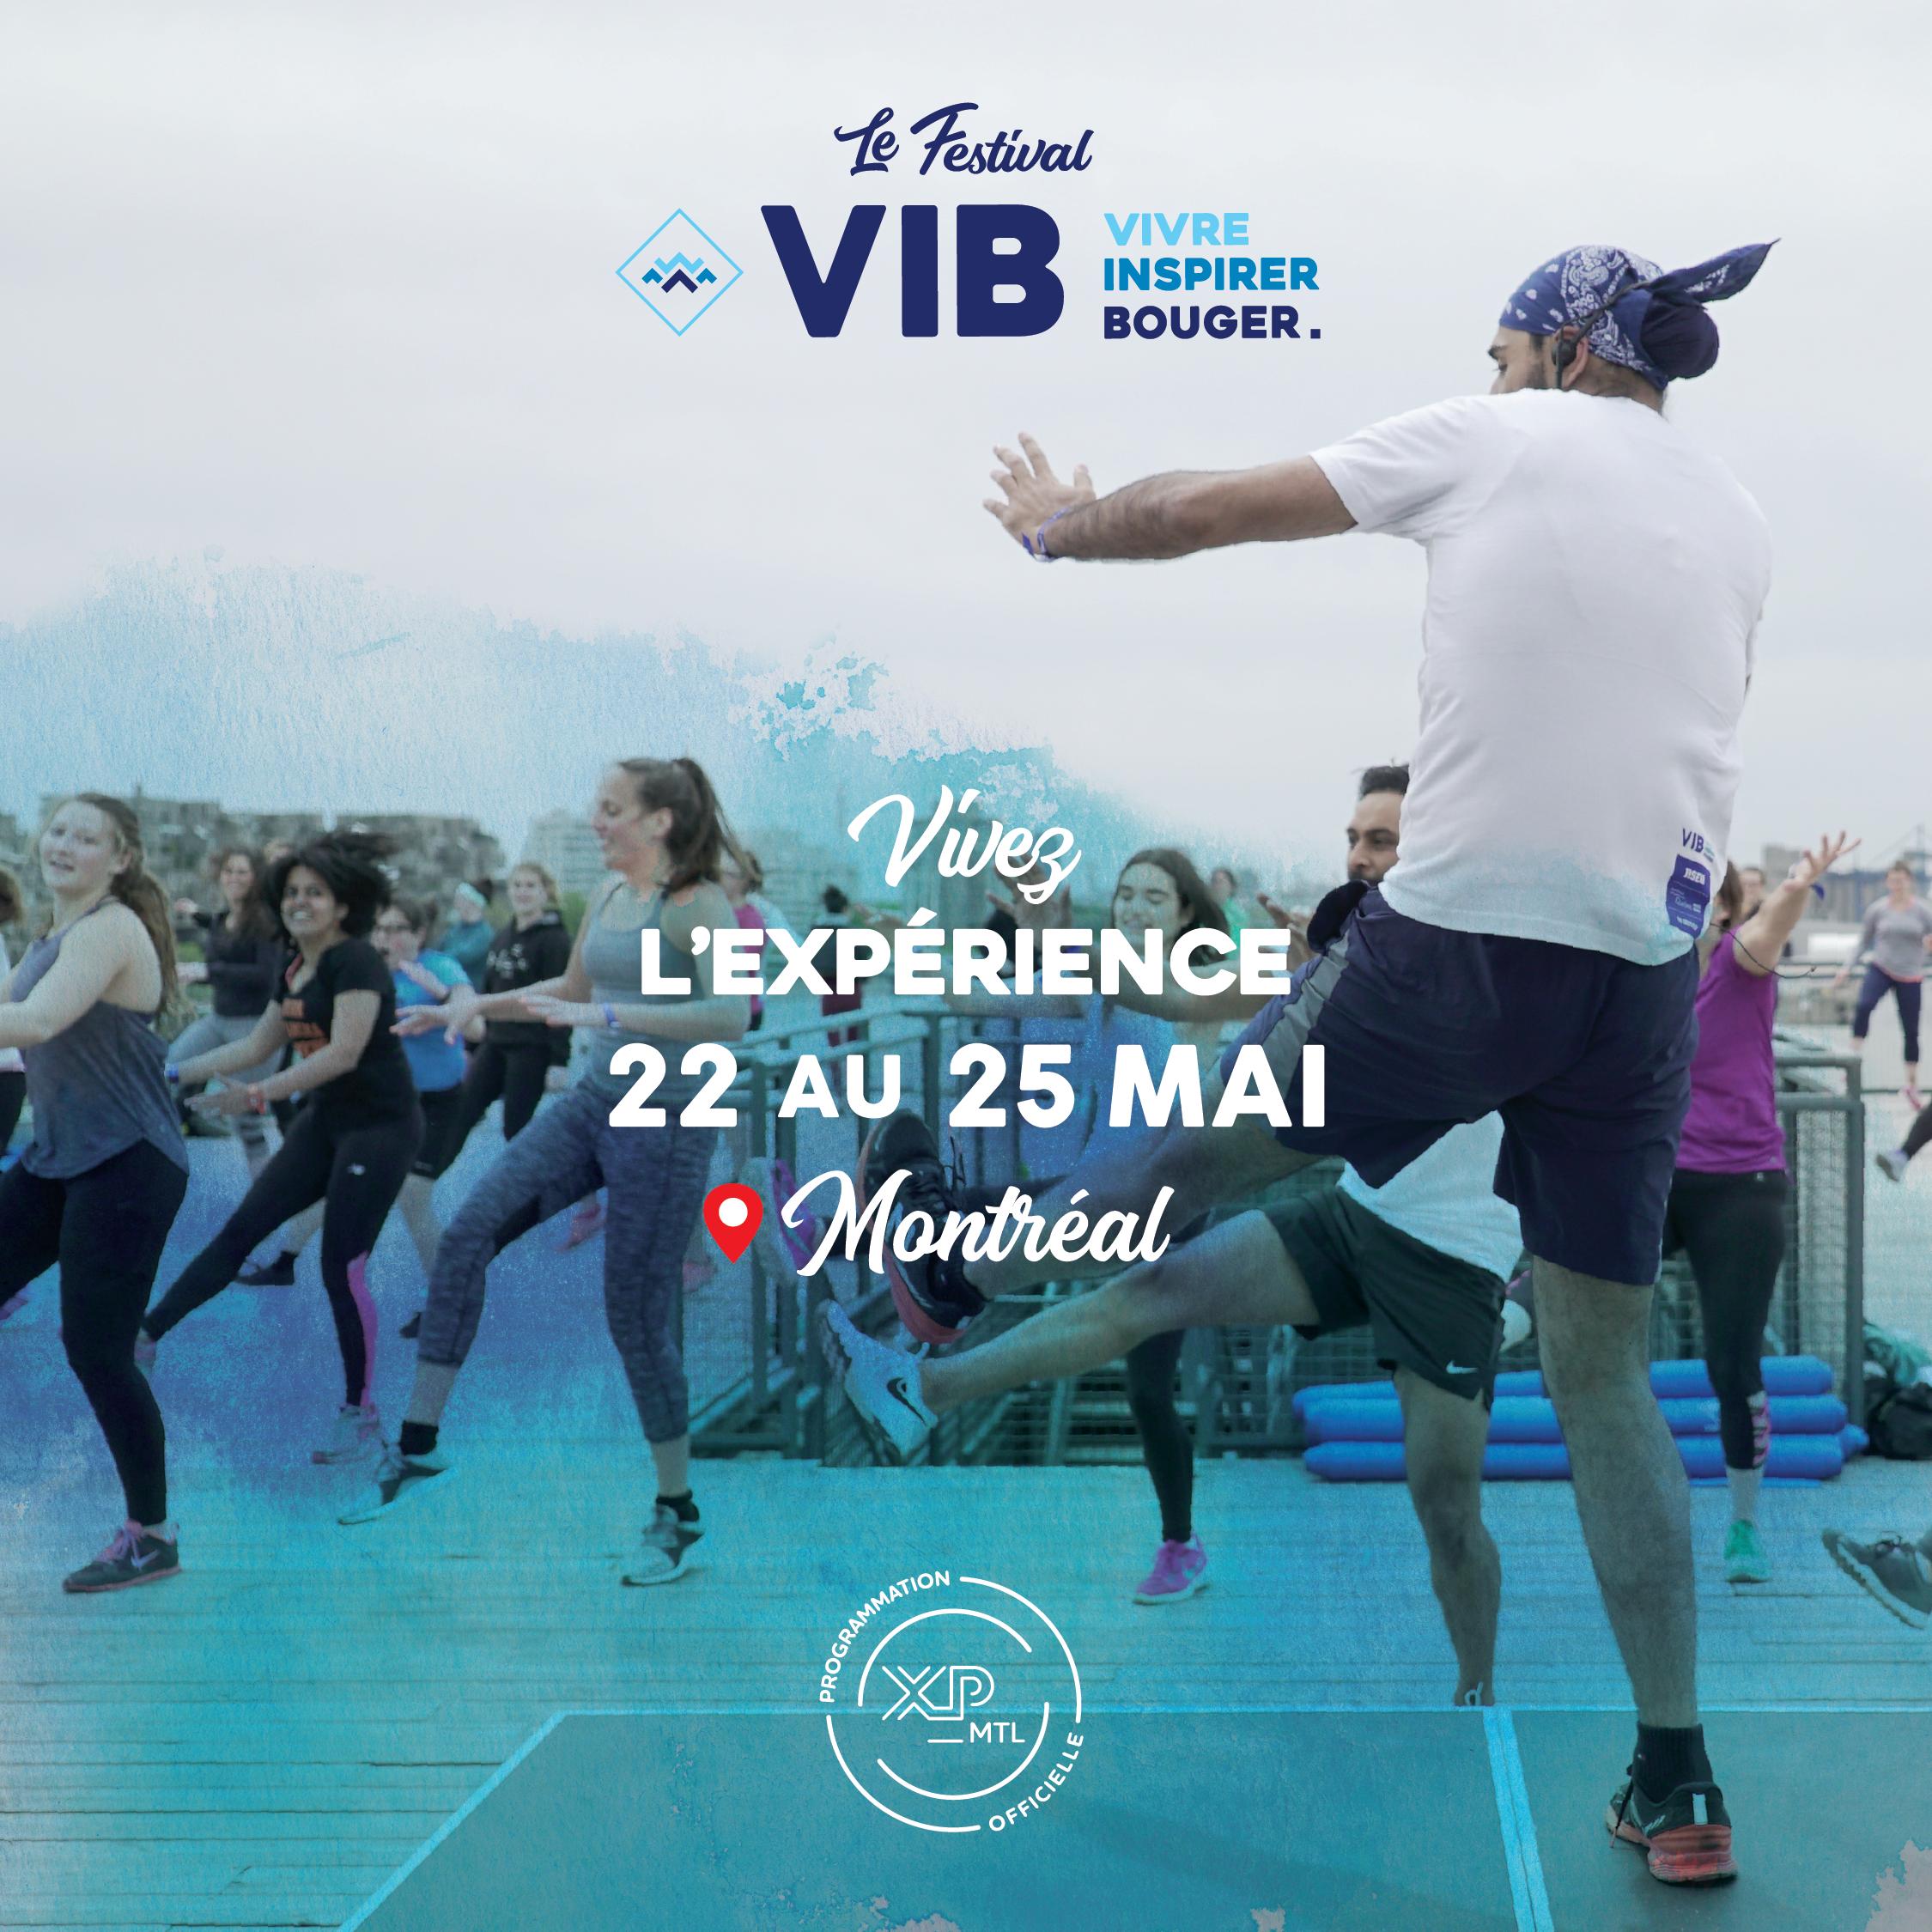 XP_MTL présente : le Festival VIB